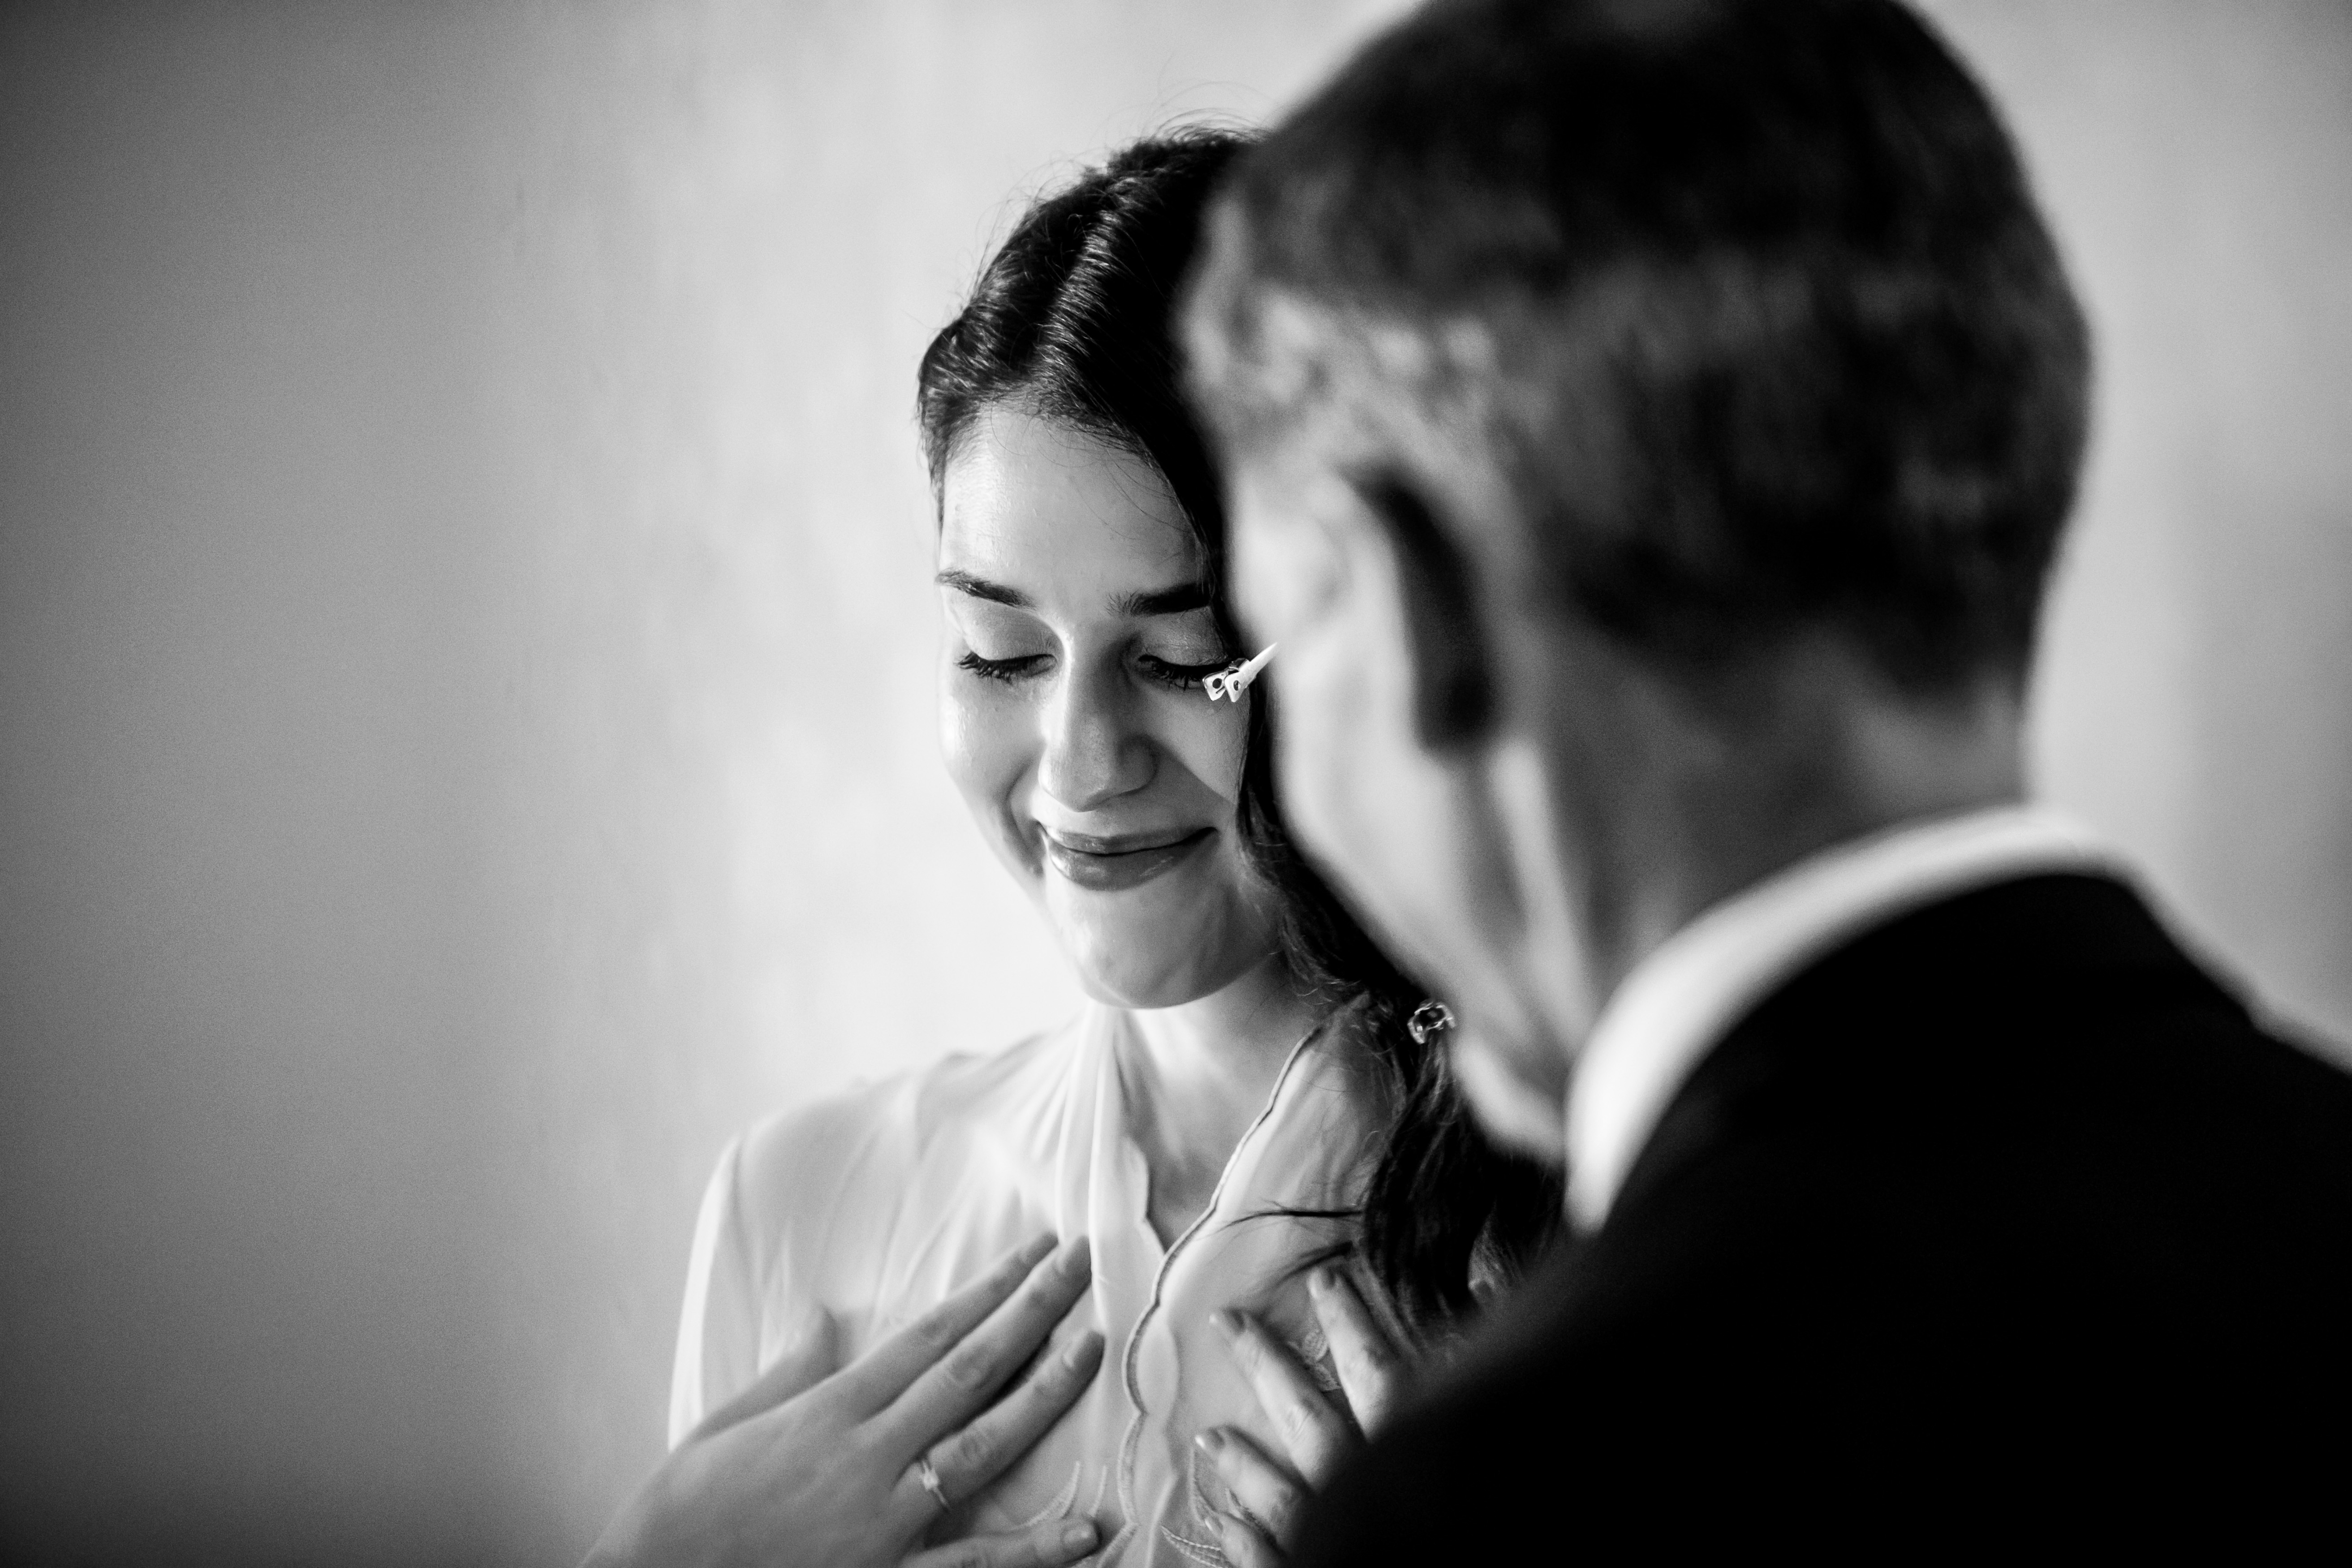 0005_gilberti_ricca_convento_annunciata_fotografi_matrimonio